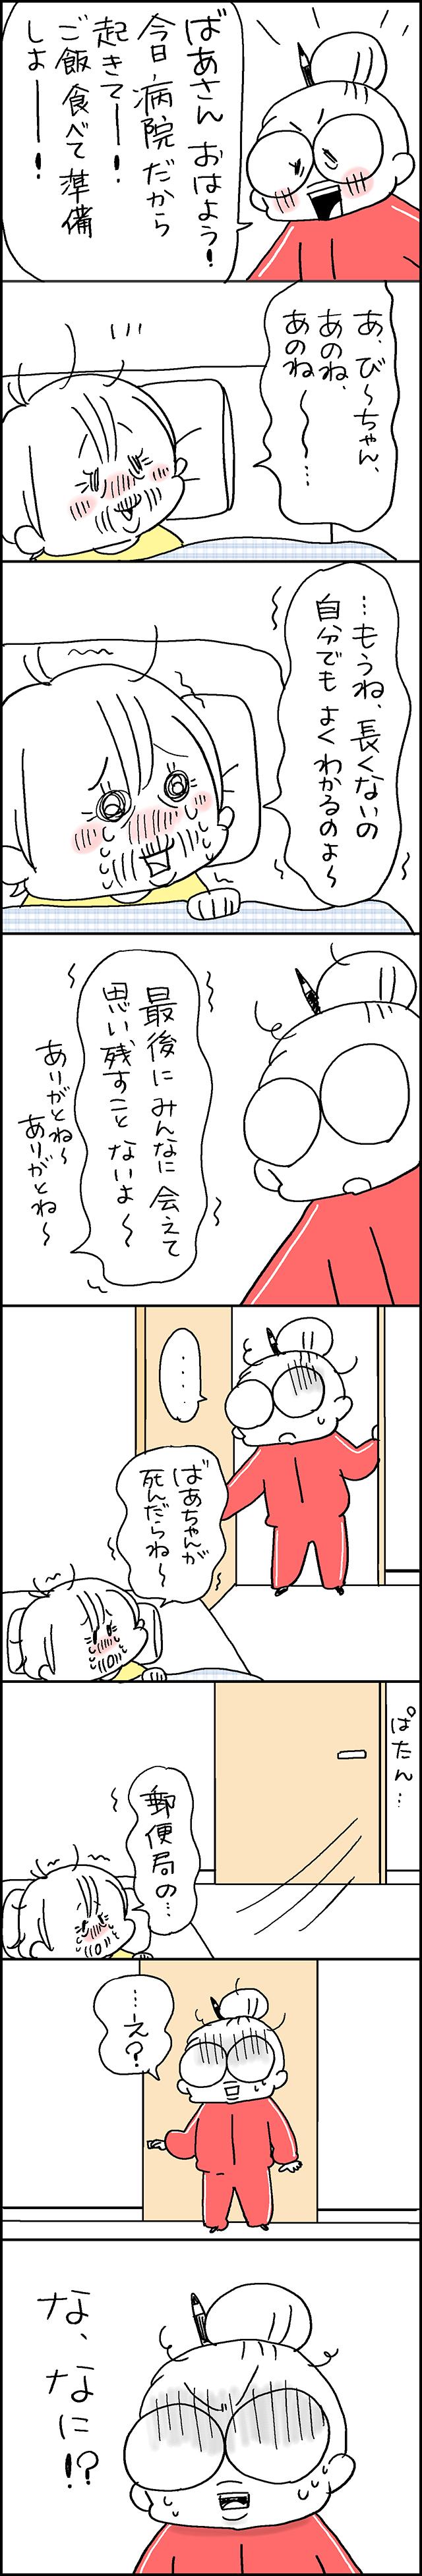 ばあさんひ孫に会う5-2.jpg